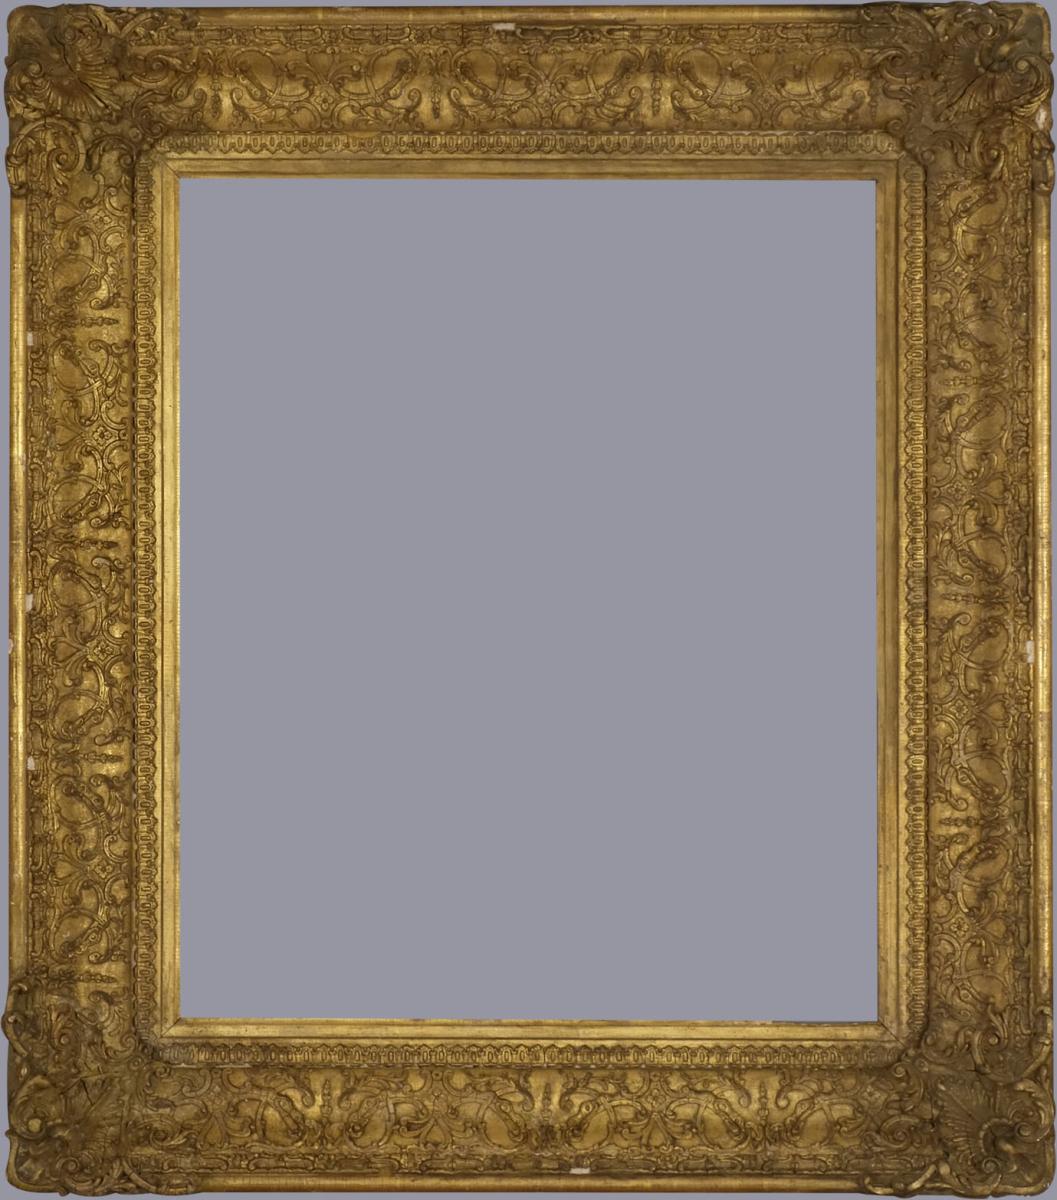 Antique Picture Frames 1800s Best 2000 Antique Decor Ideas